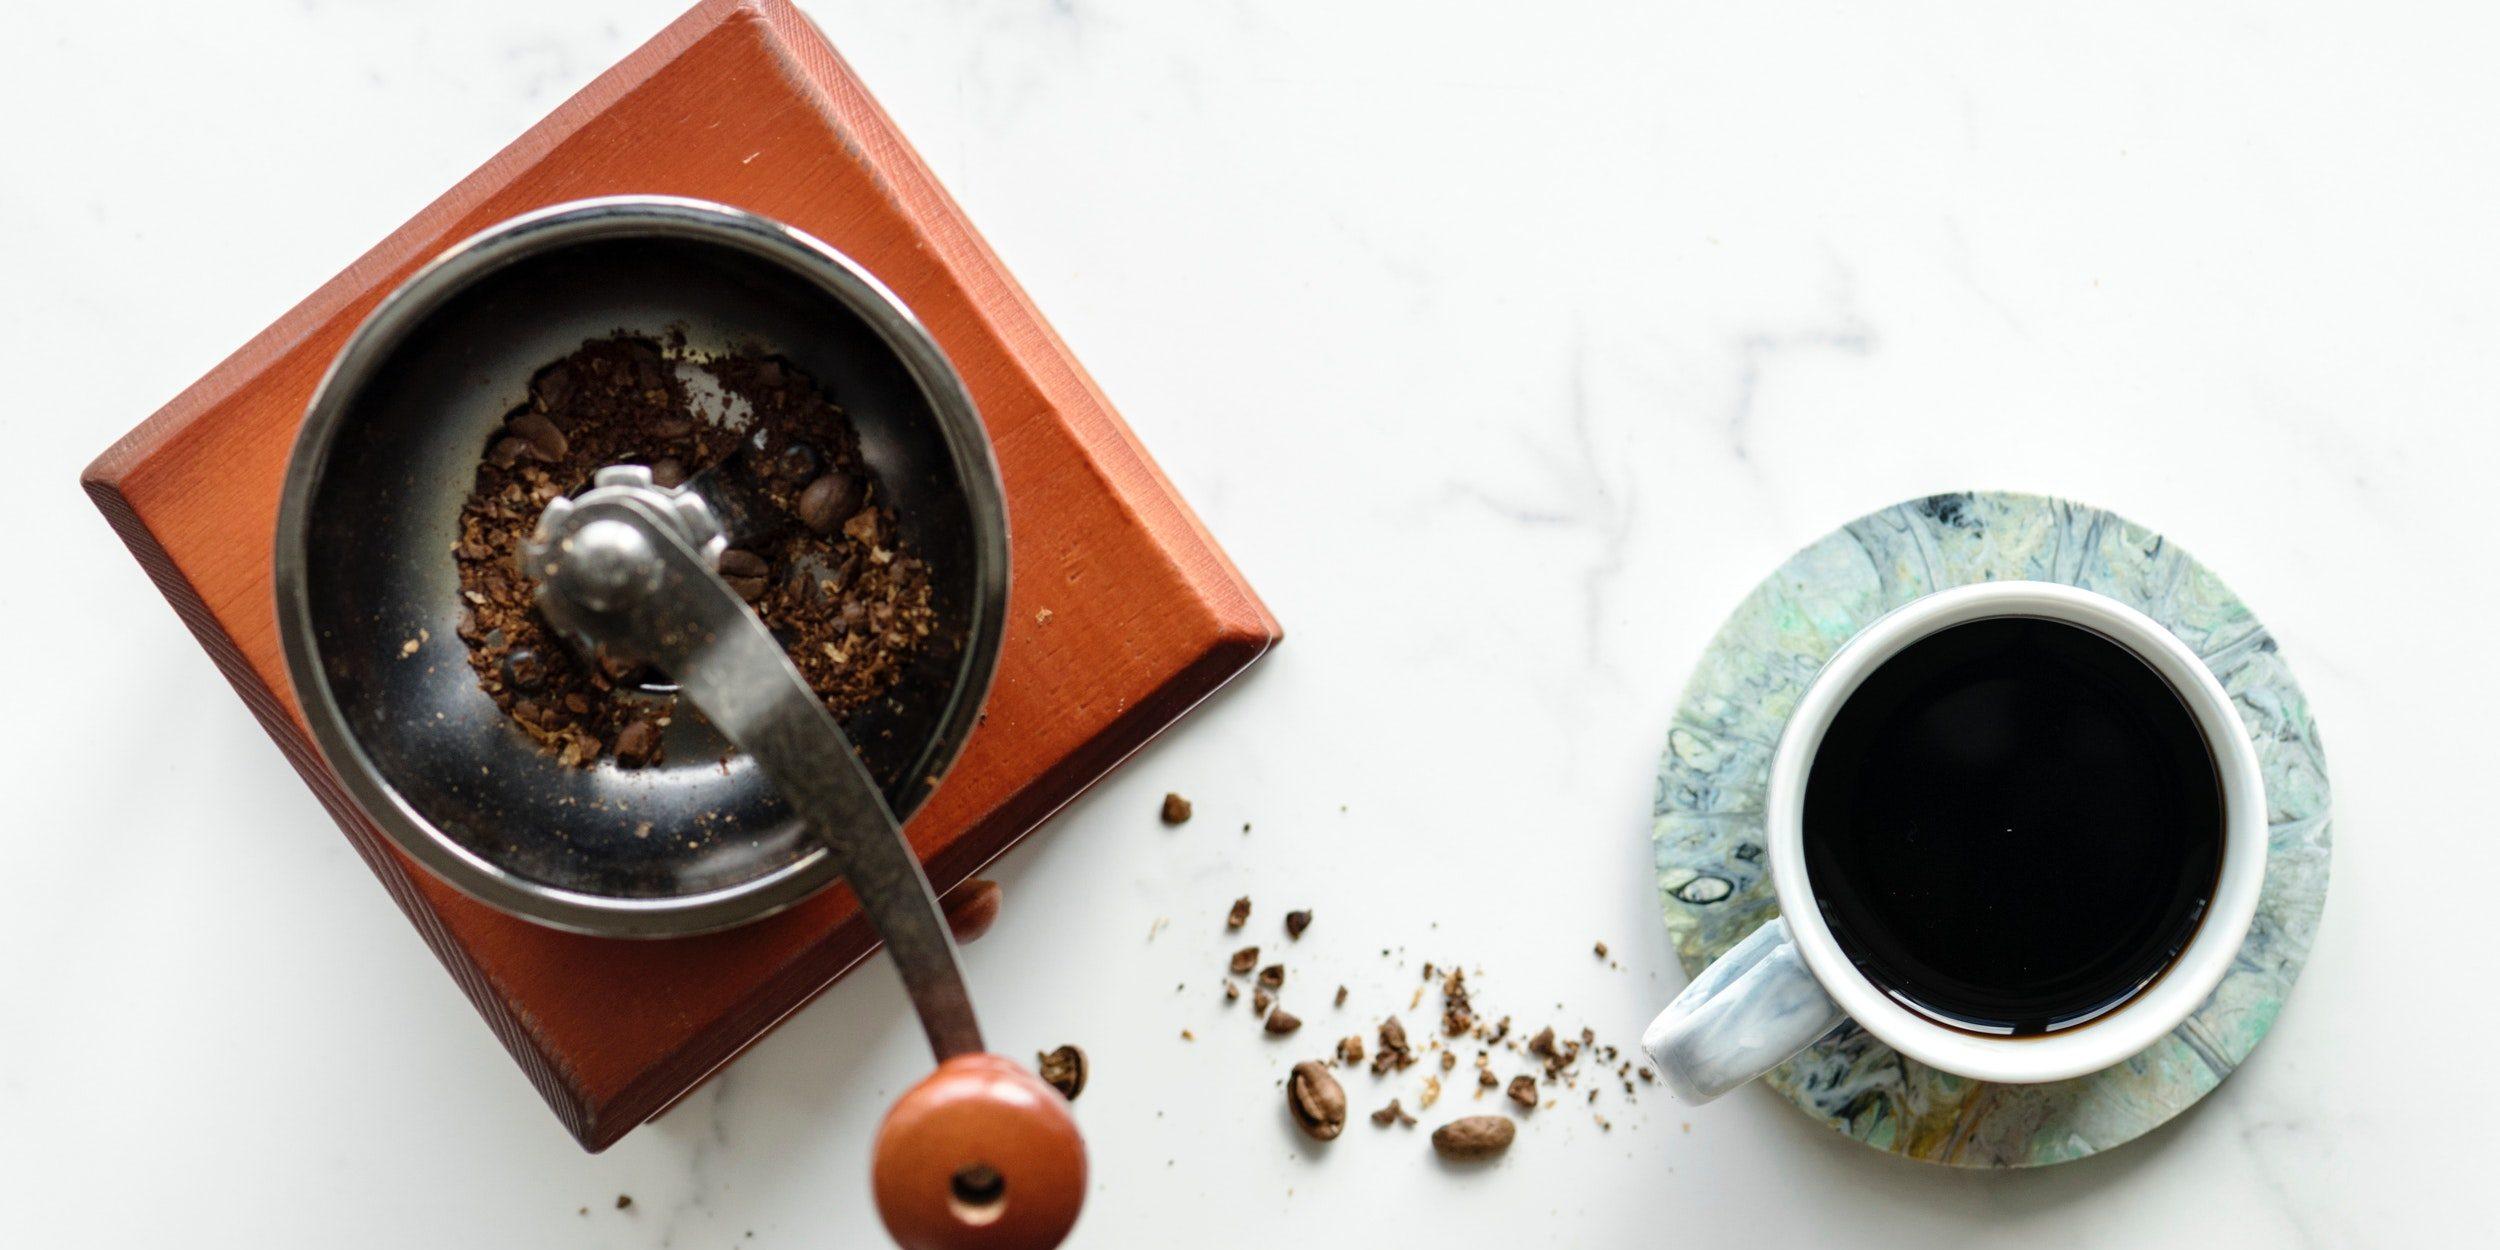 mesada de marmol con taza de café y molinillo de café